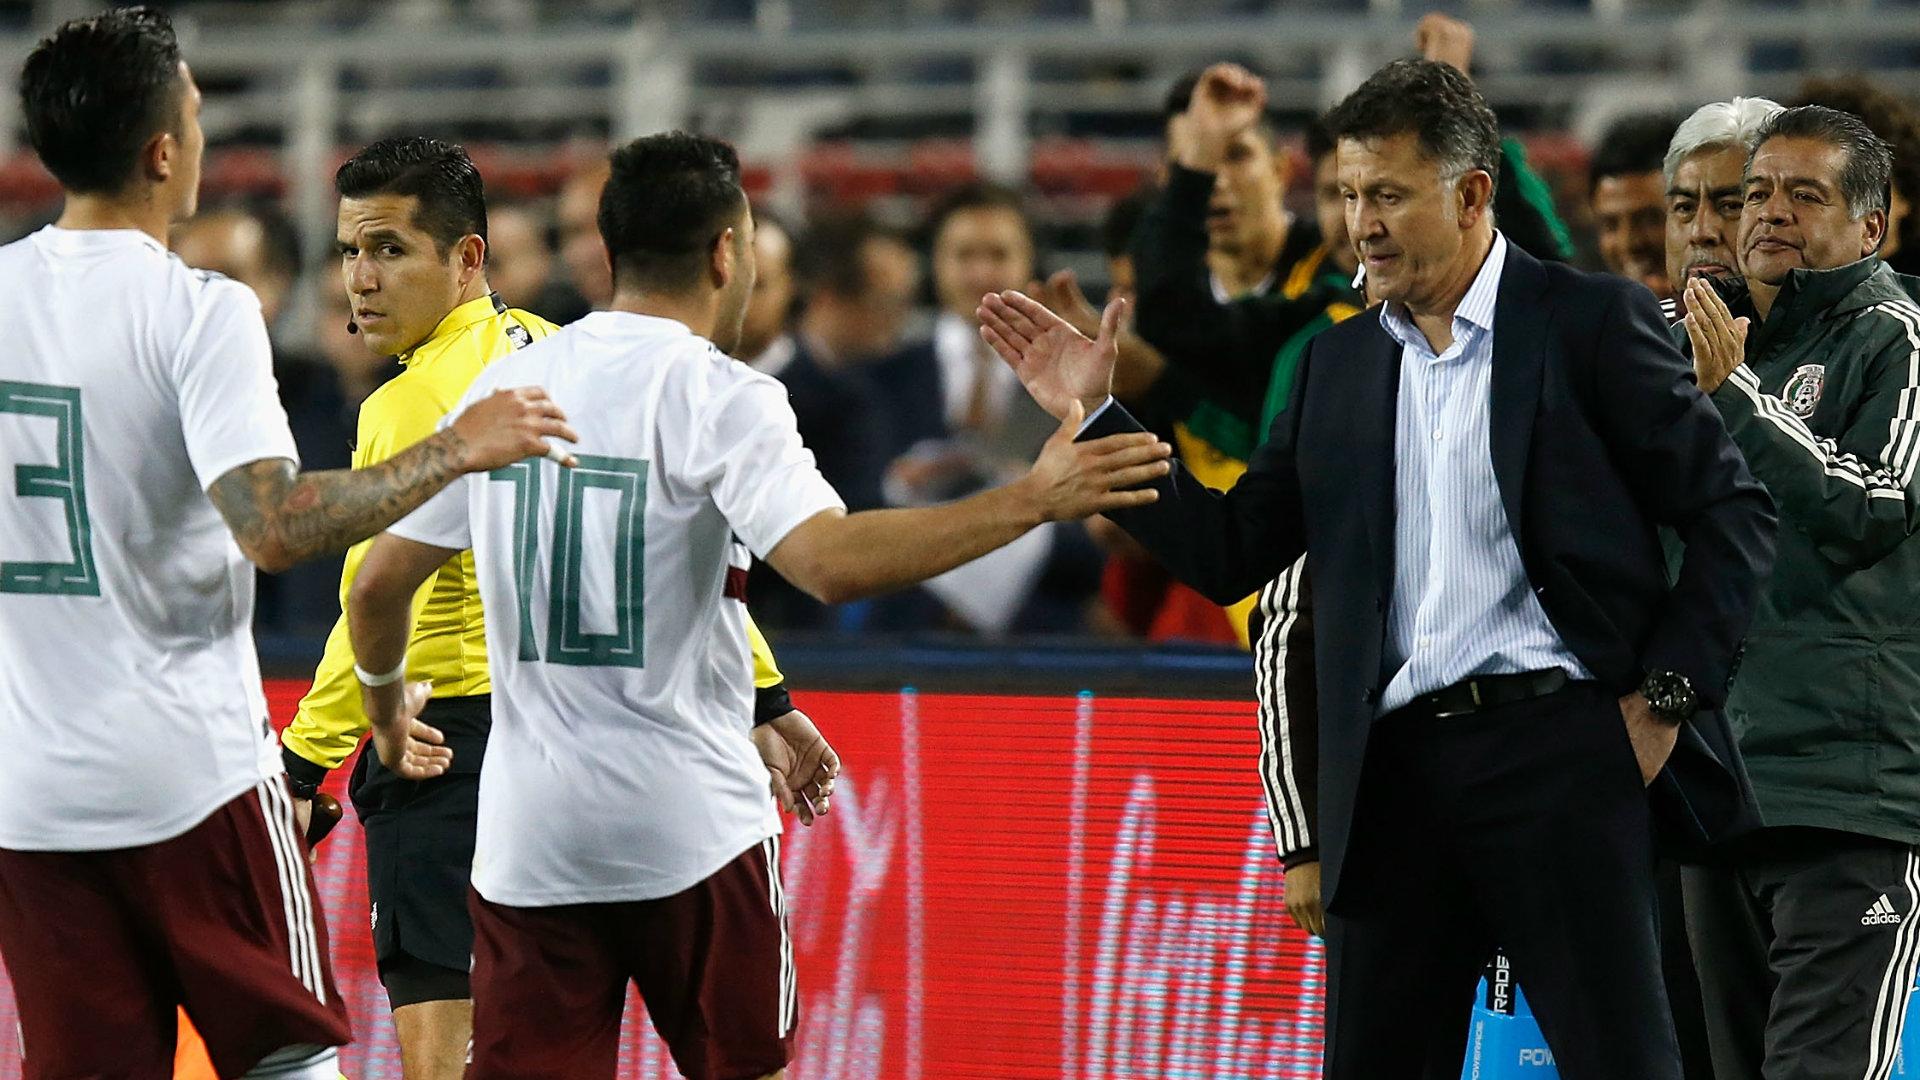 Escándalo sacude a la selección mexicana por supuesta fiesta nocturna